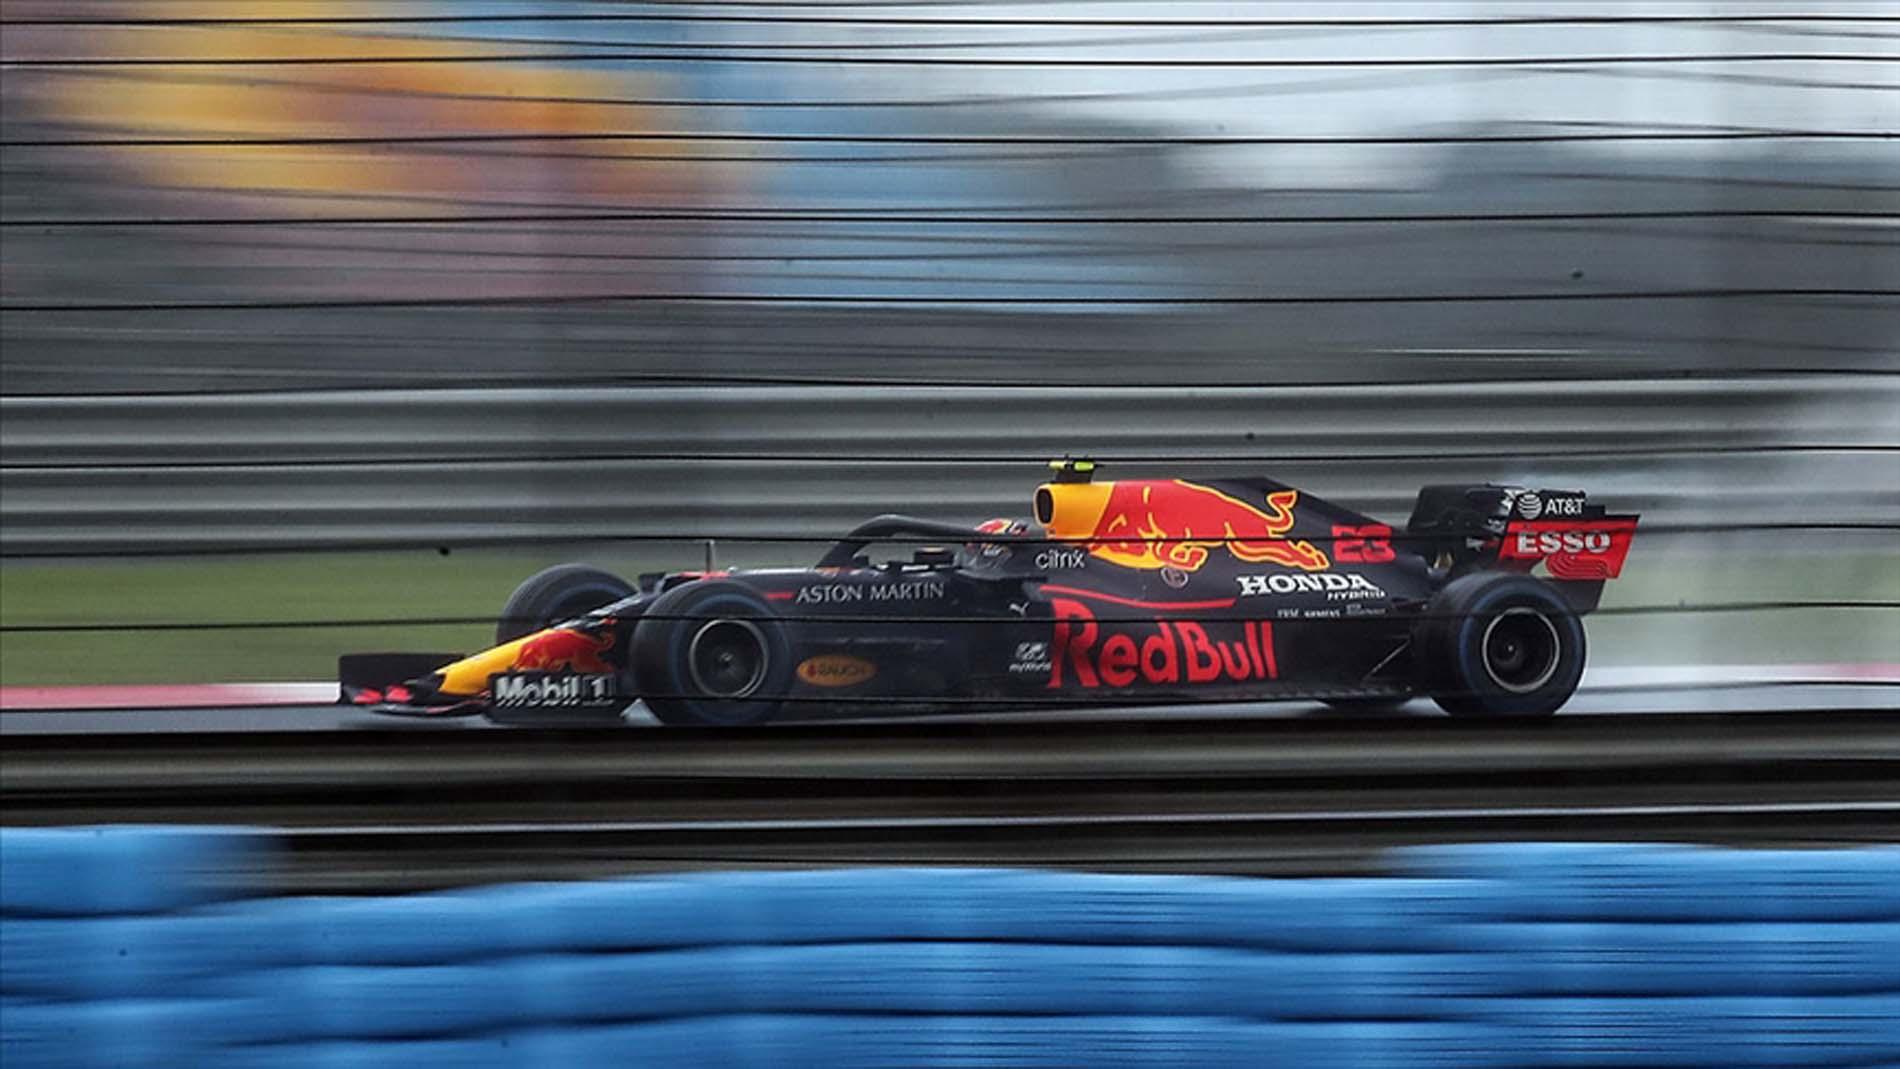 Formula 1 Macaristan GP canlı izle | S Sport 2 canlı yayın izle linki | Formula 1 Macaristan GP nasıl izlerim?